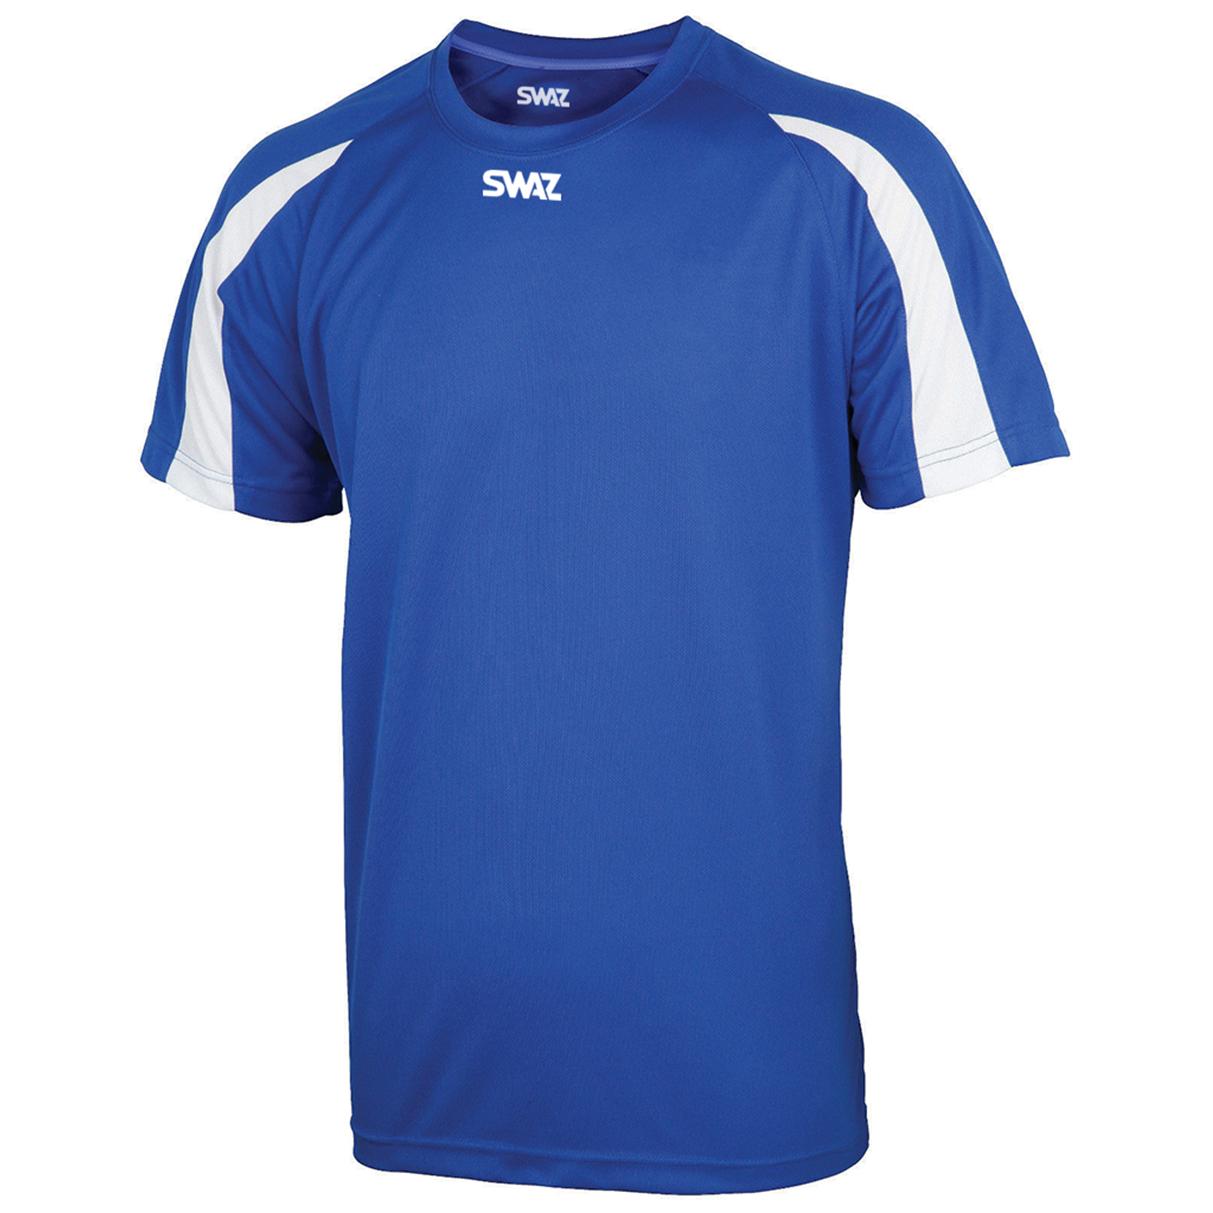 SWAZ Premier Training T-Shirt – Royal/White